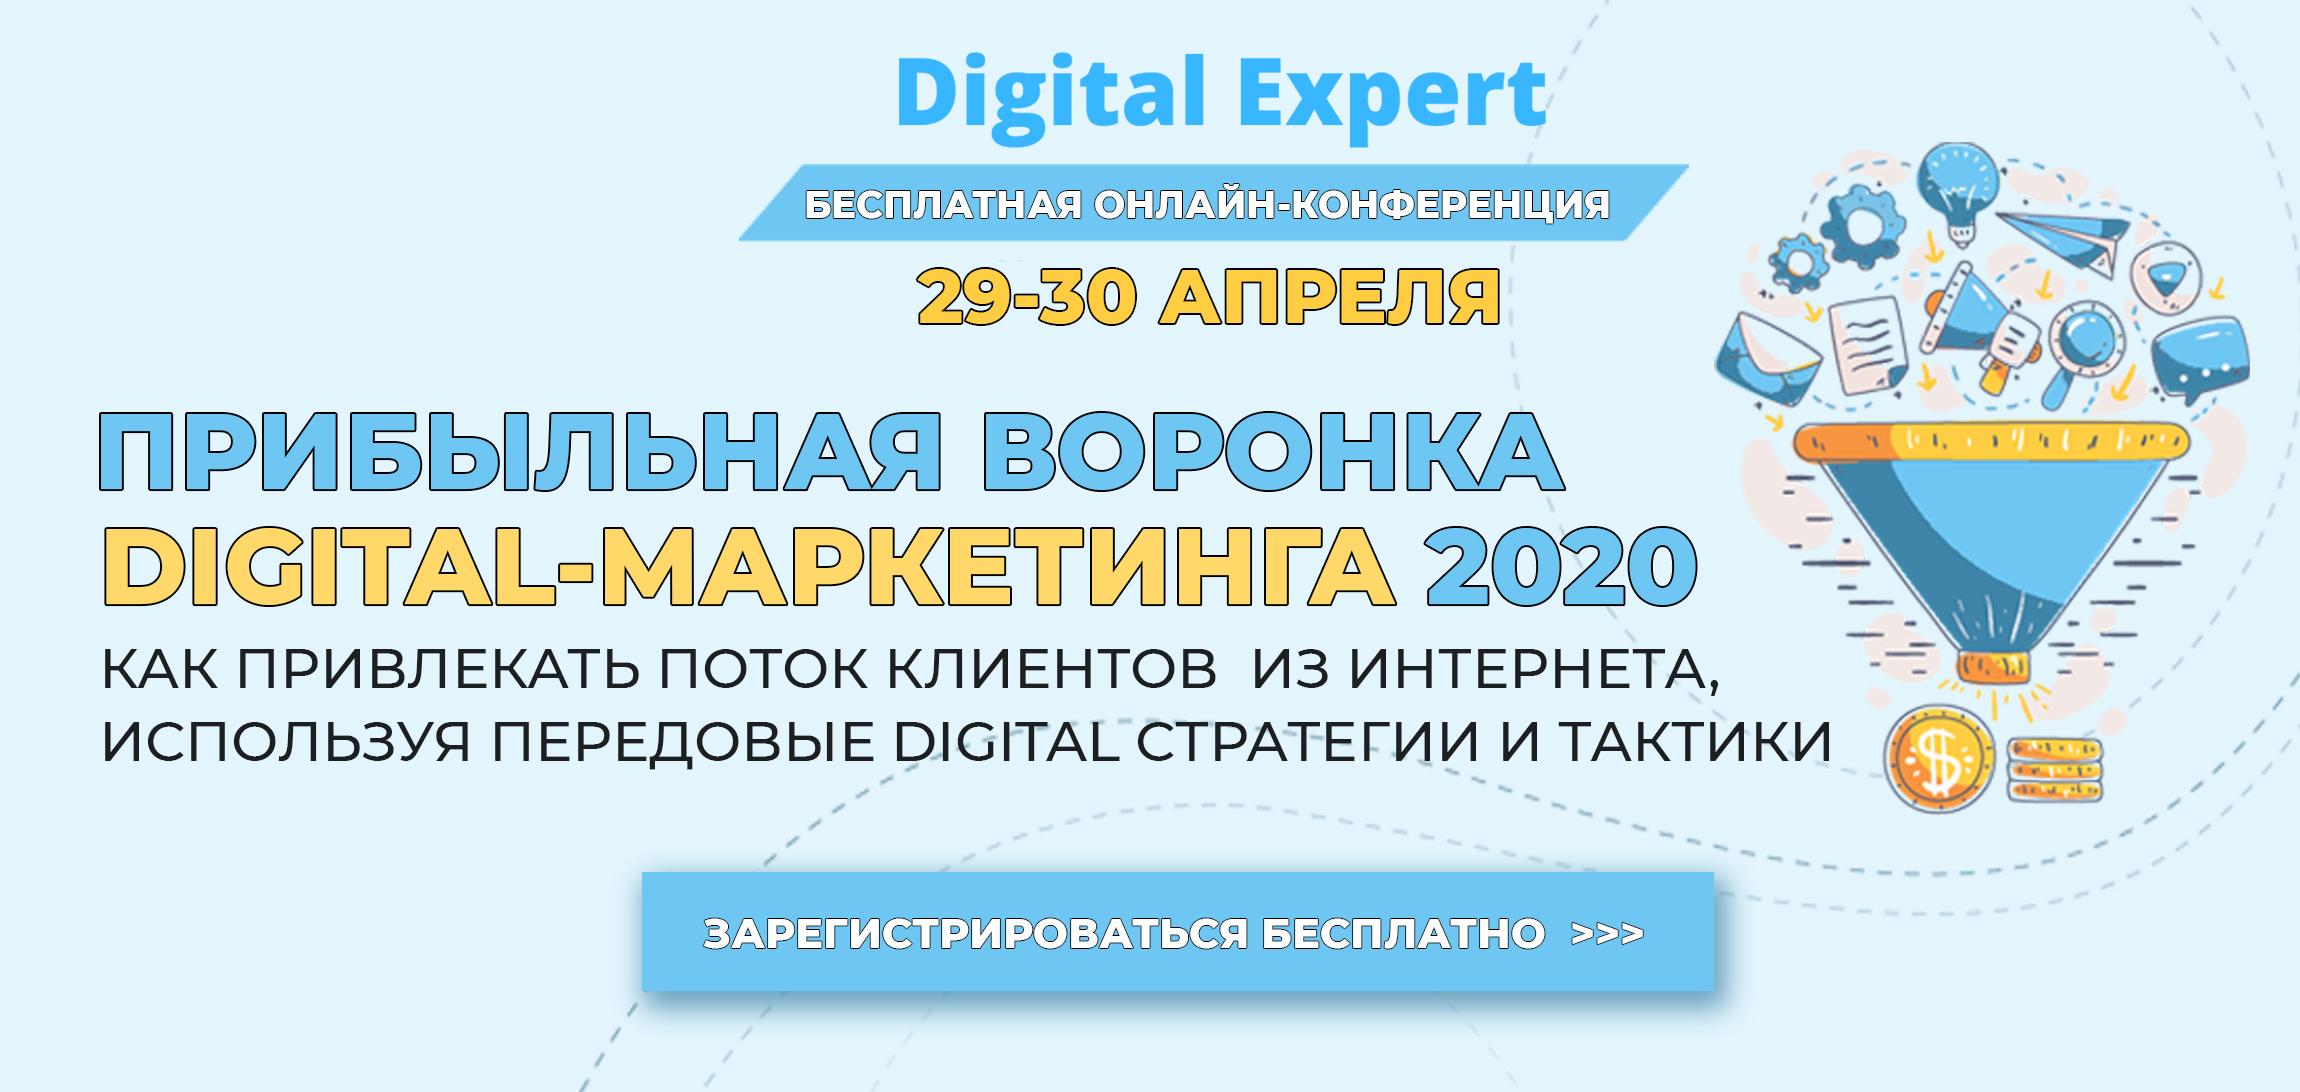 Прибыльная воронка digital-маркетинга 2020